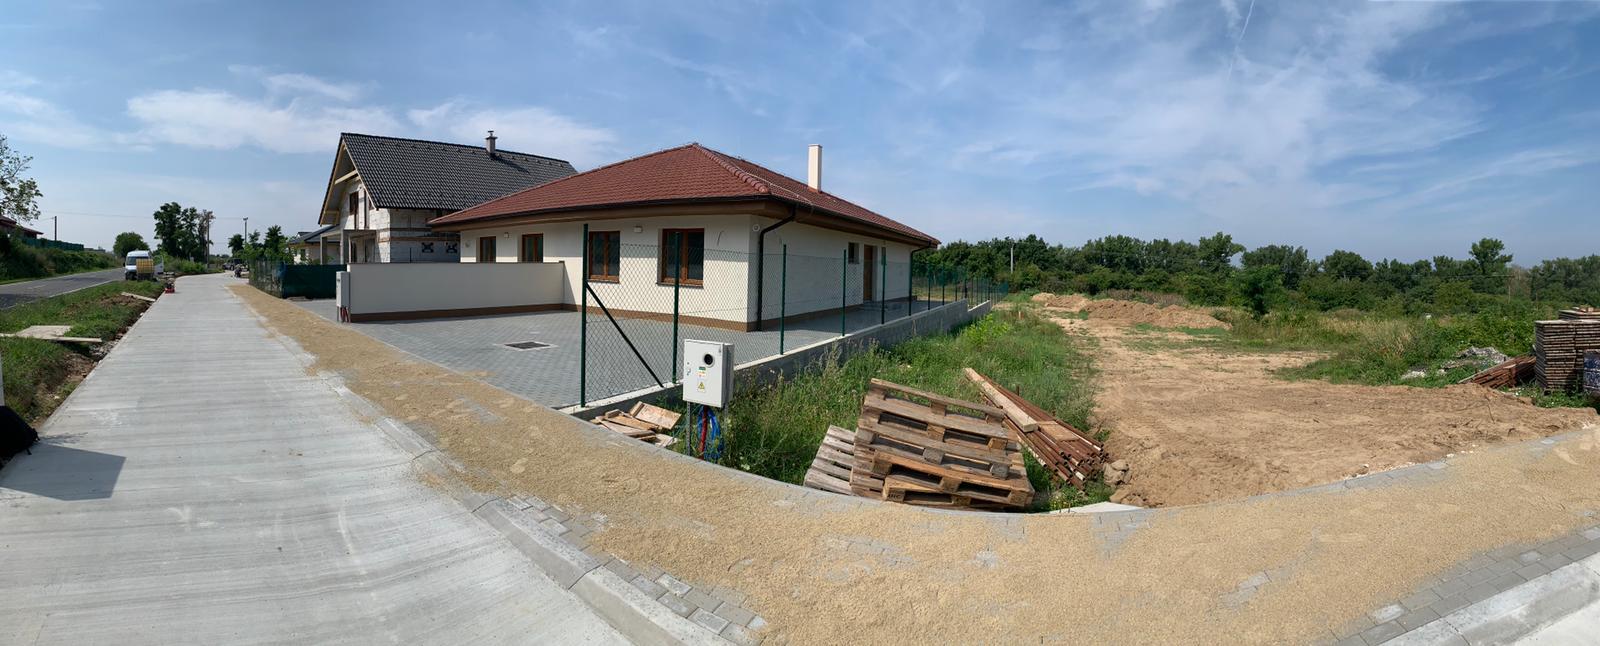 Malý dom s veľkou záhradou - Obrázok č. 2